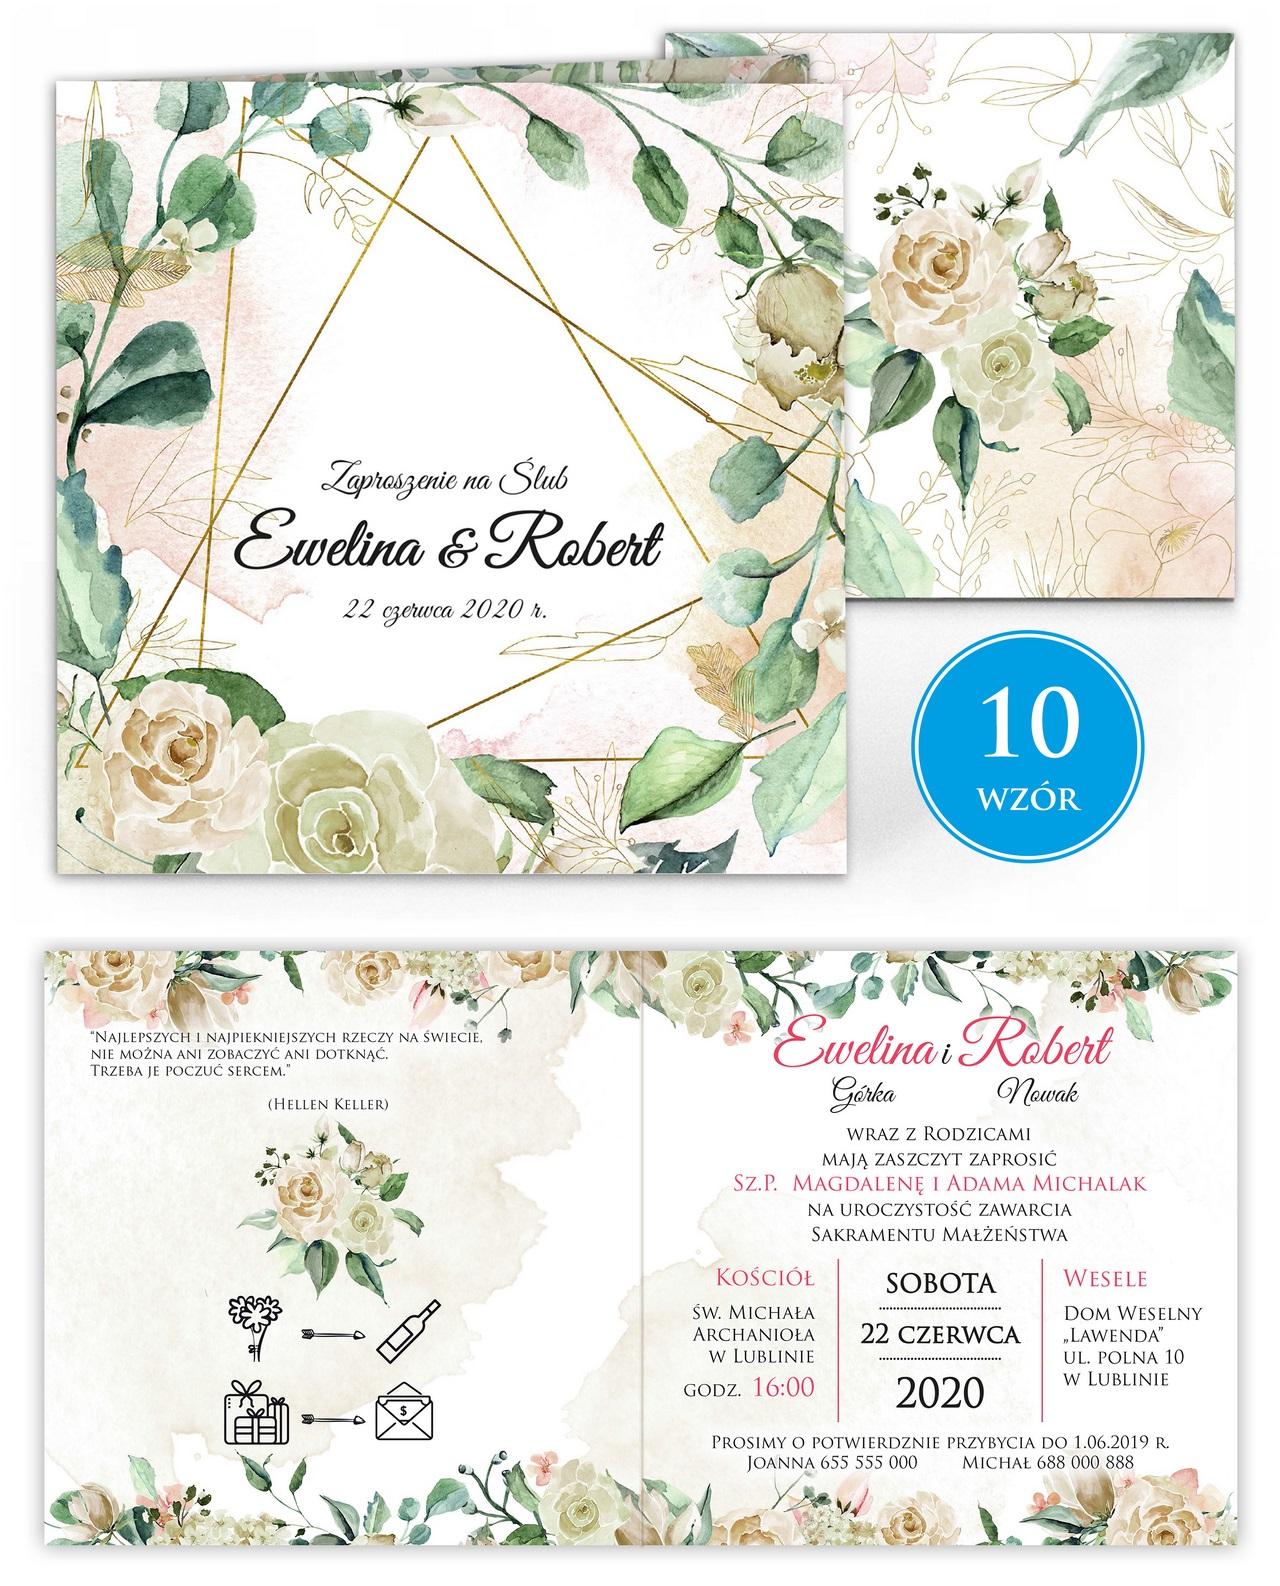 zaproszenia-ślubne-kwiatowe-ramki-boho-rustykalne-Tacjana-wiz10